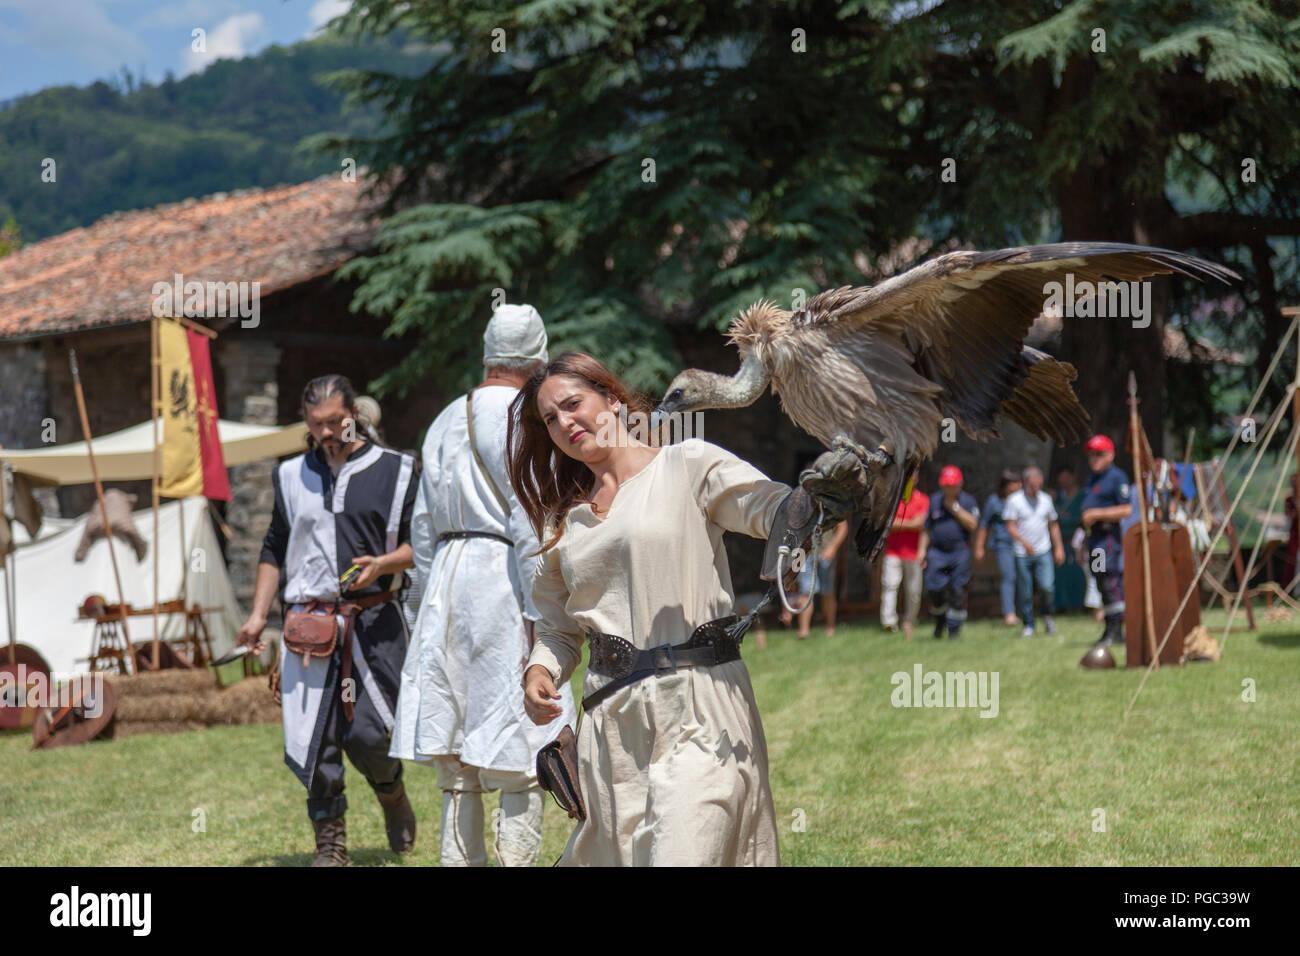 Ein falkner Assistant bringen einen Raubvogel in der Zeit der mittelalterlichen Falknerei, in Barga (Toskana, Italien). Assistante de Fauconnier, à Barga. Stockbild